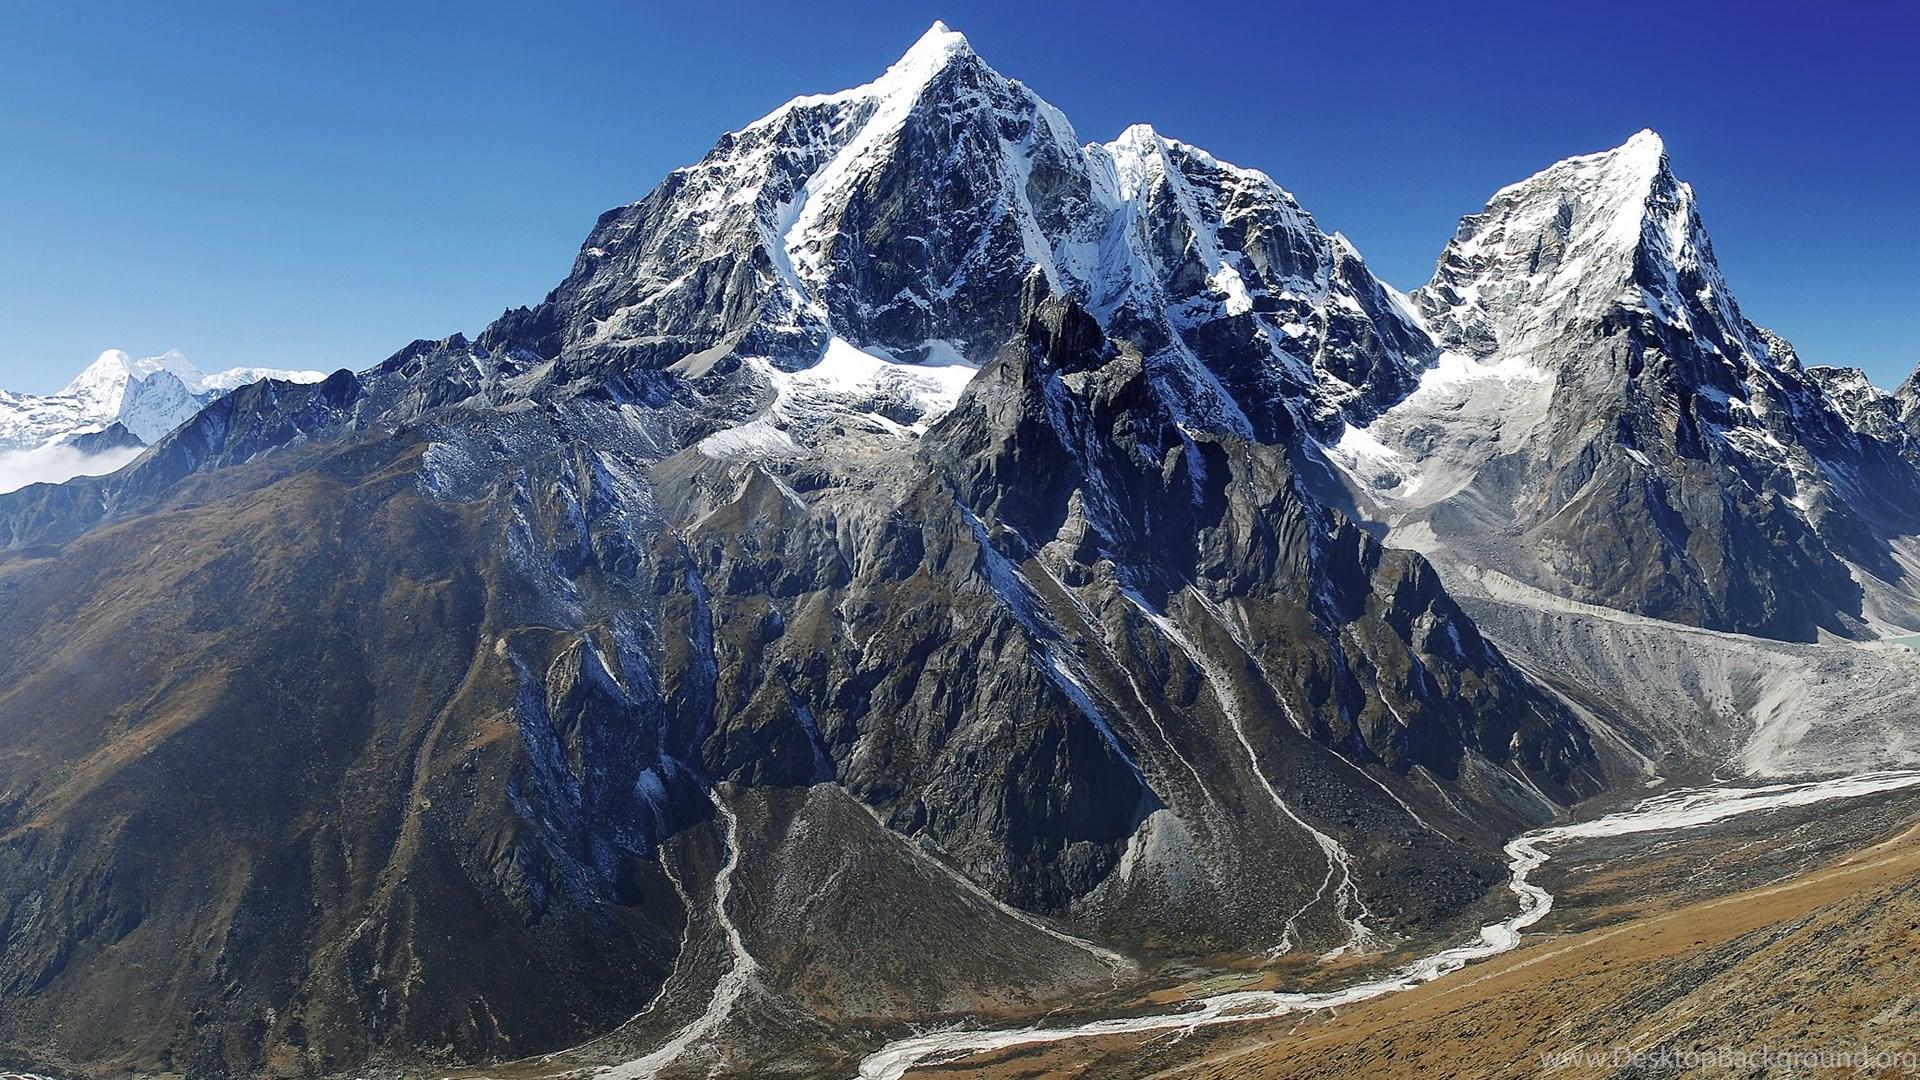 Mount Everest Wallpapers Free Desktop Backgrounds Wallpapers Path Desktop Background